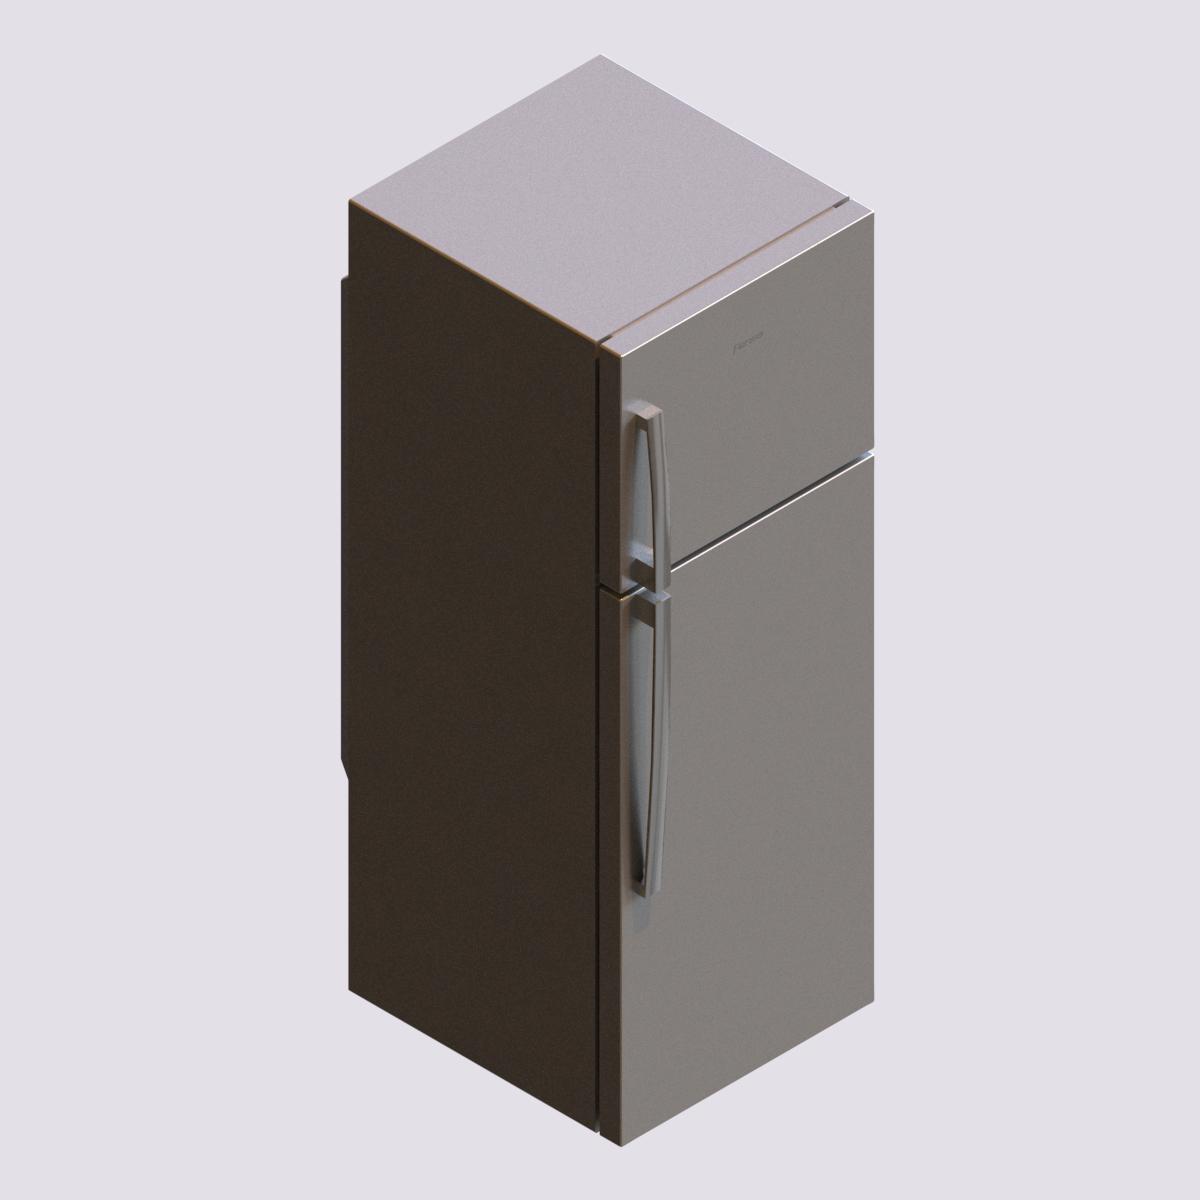 Refrigerador advantage 5300 1556f1a7 41ab 408f b354 cdd63b35c21c